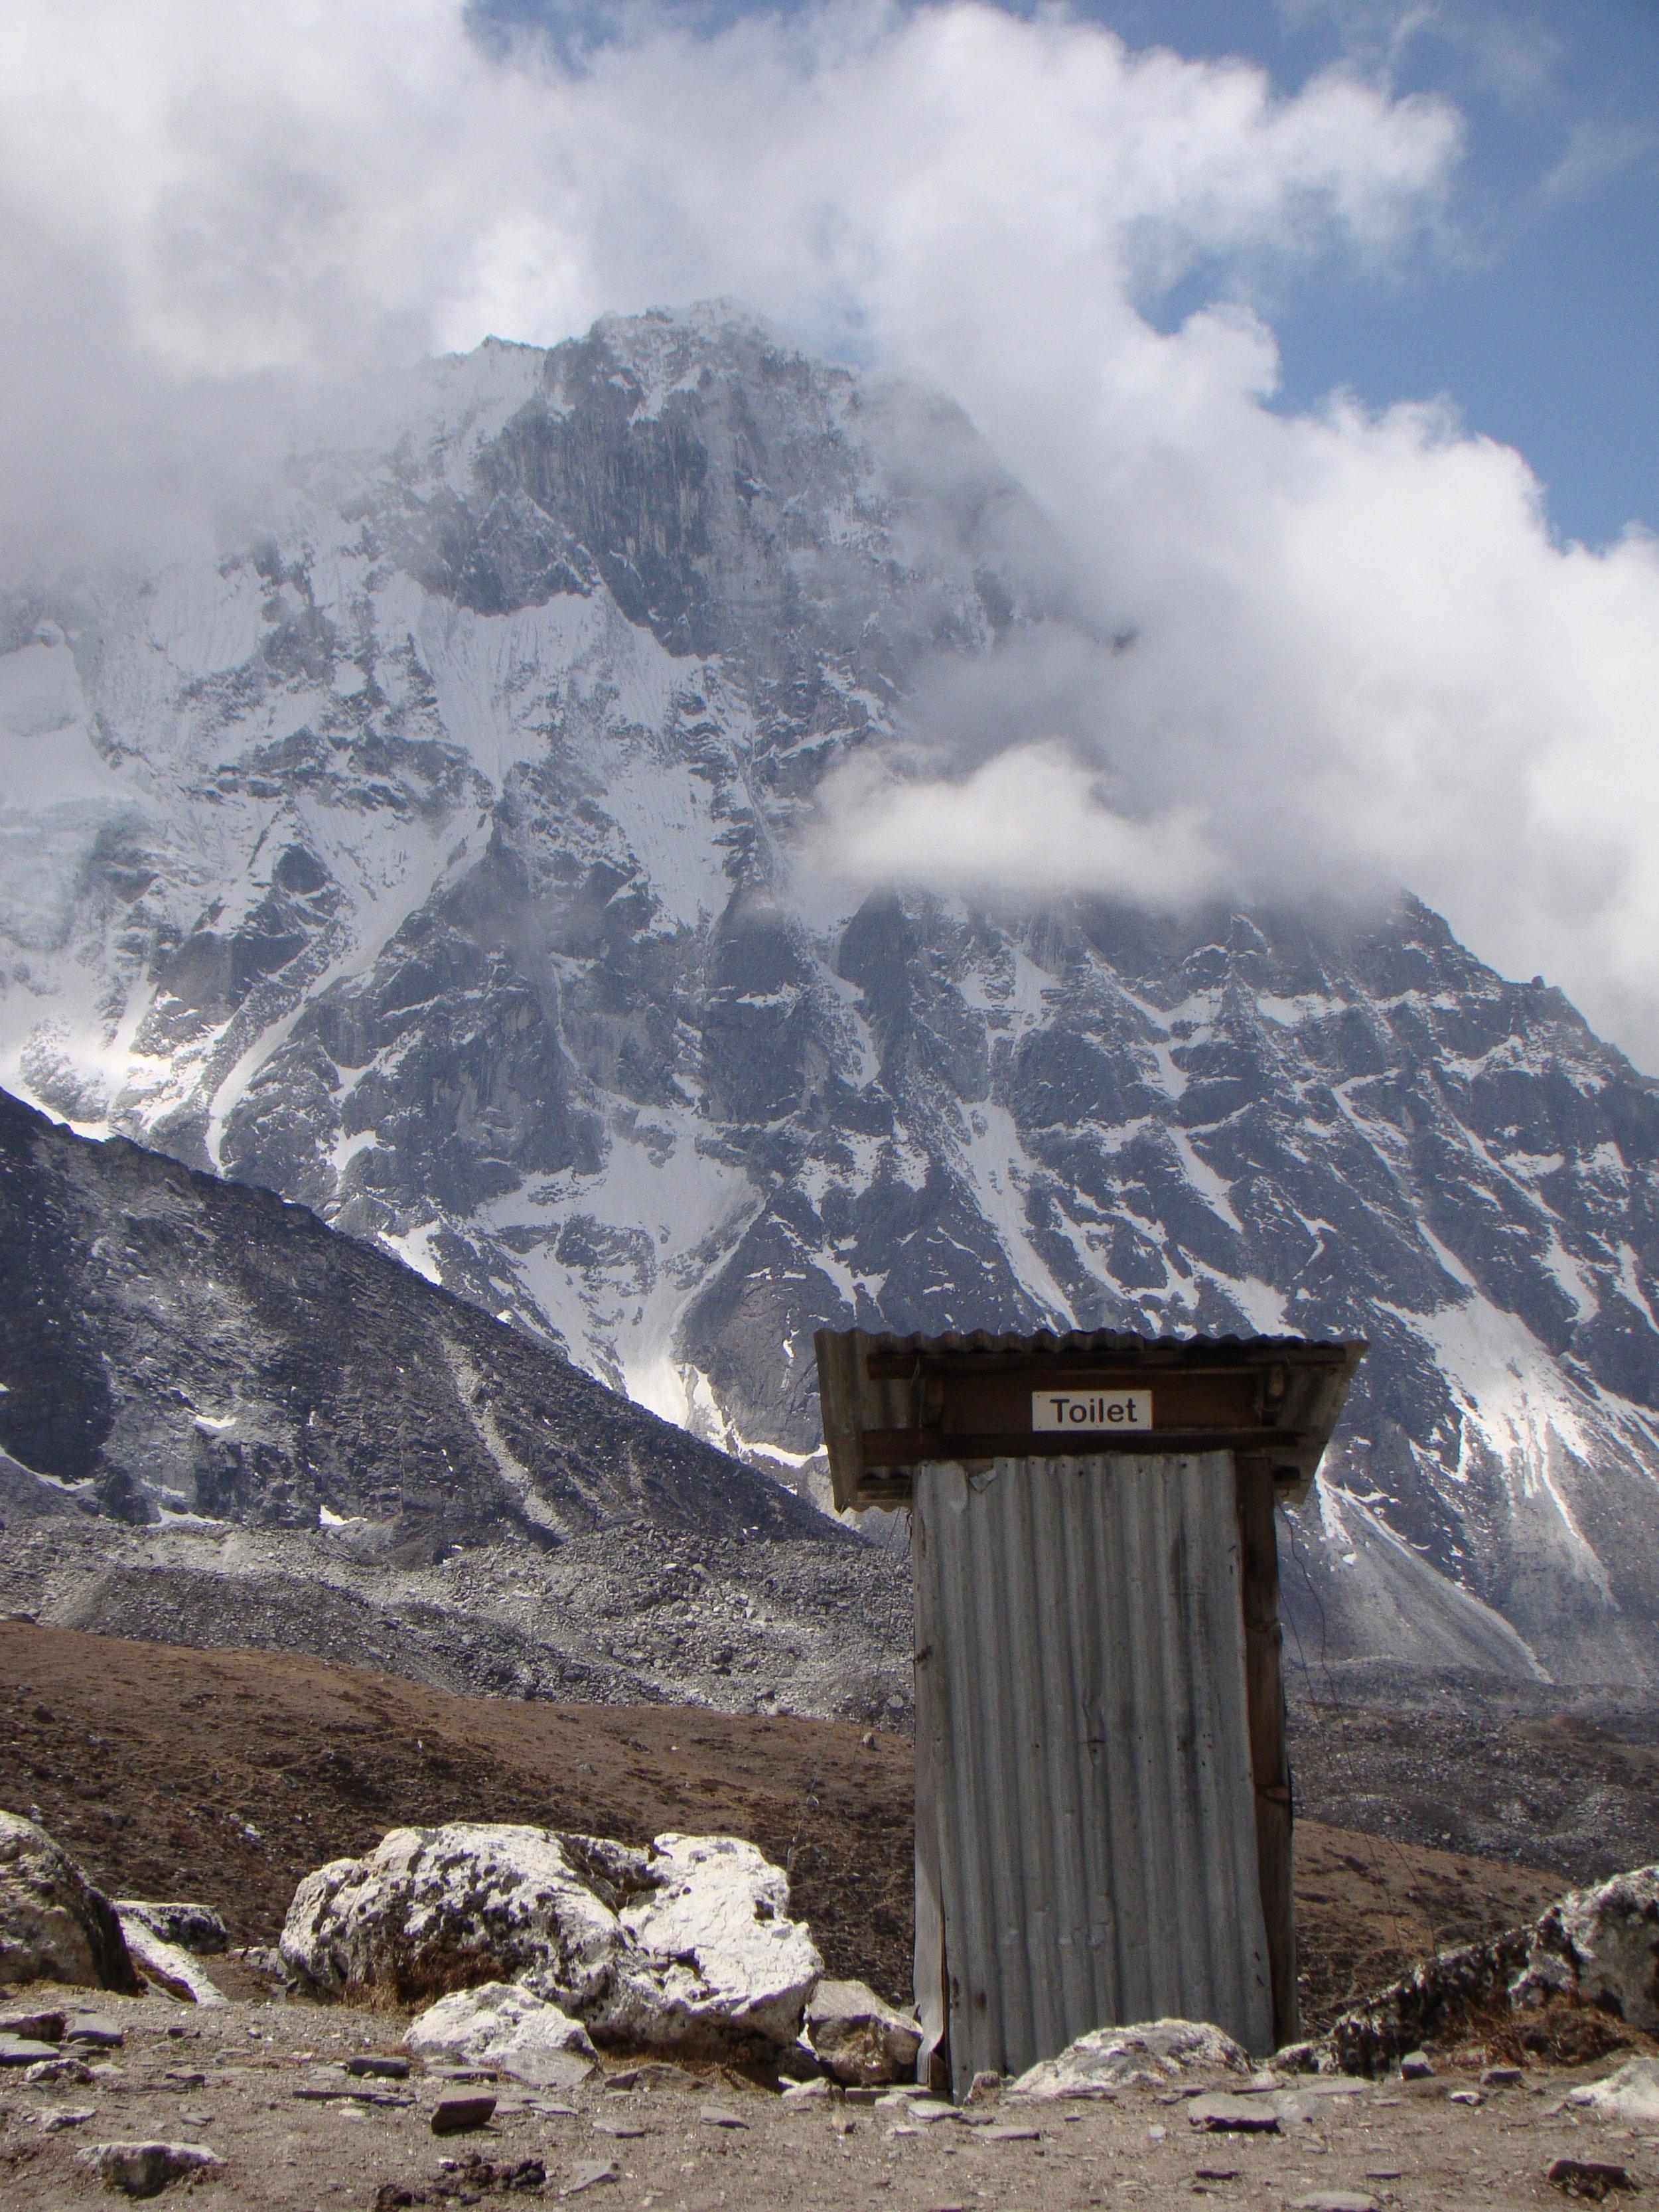 Toilet thô sơ trước cảnh núi hùng vĩ @Fillip Lhota